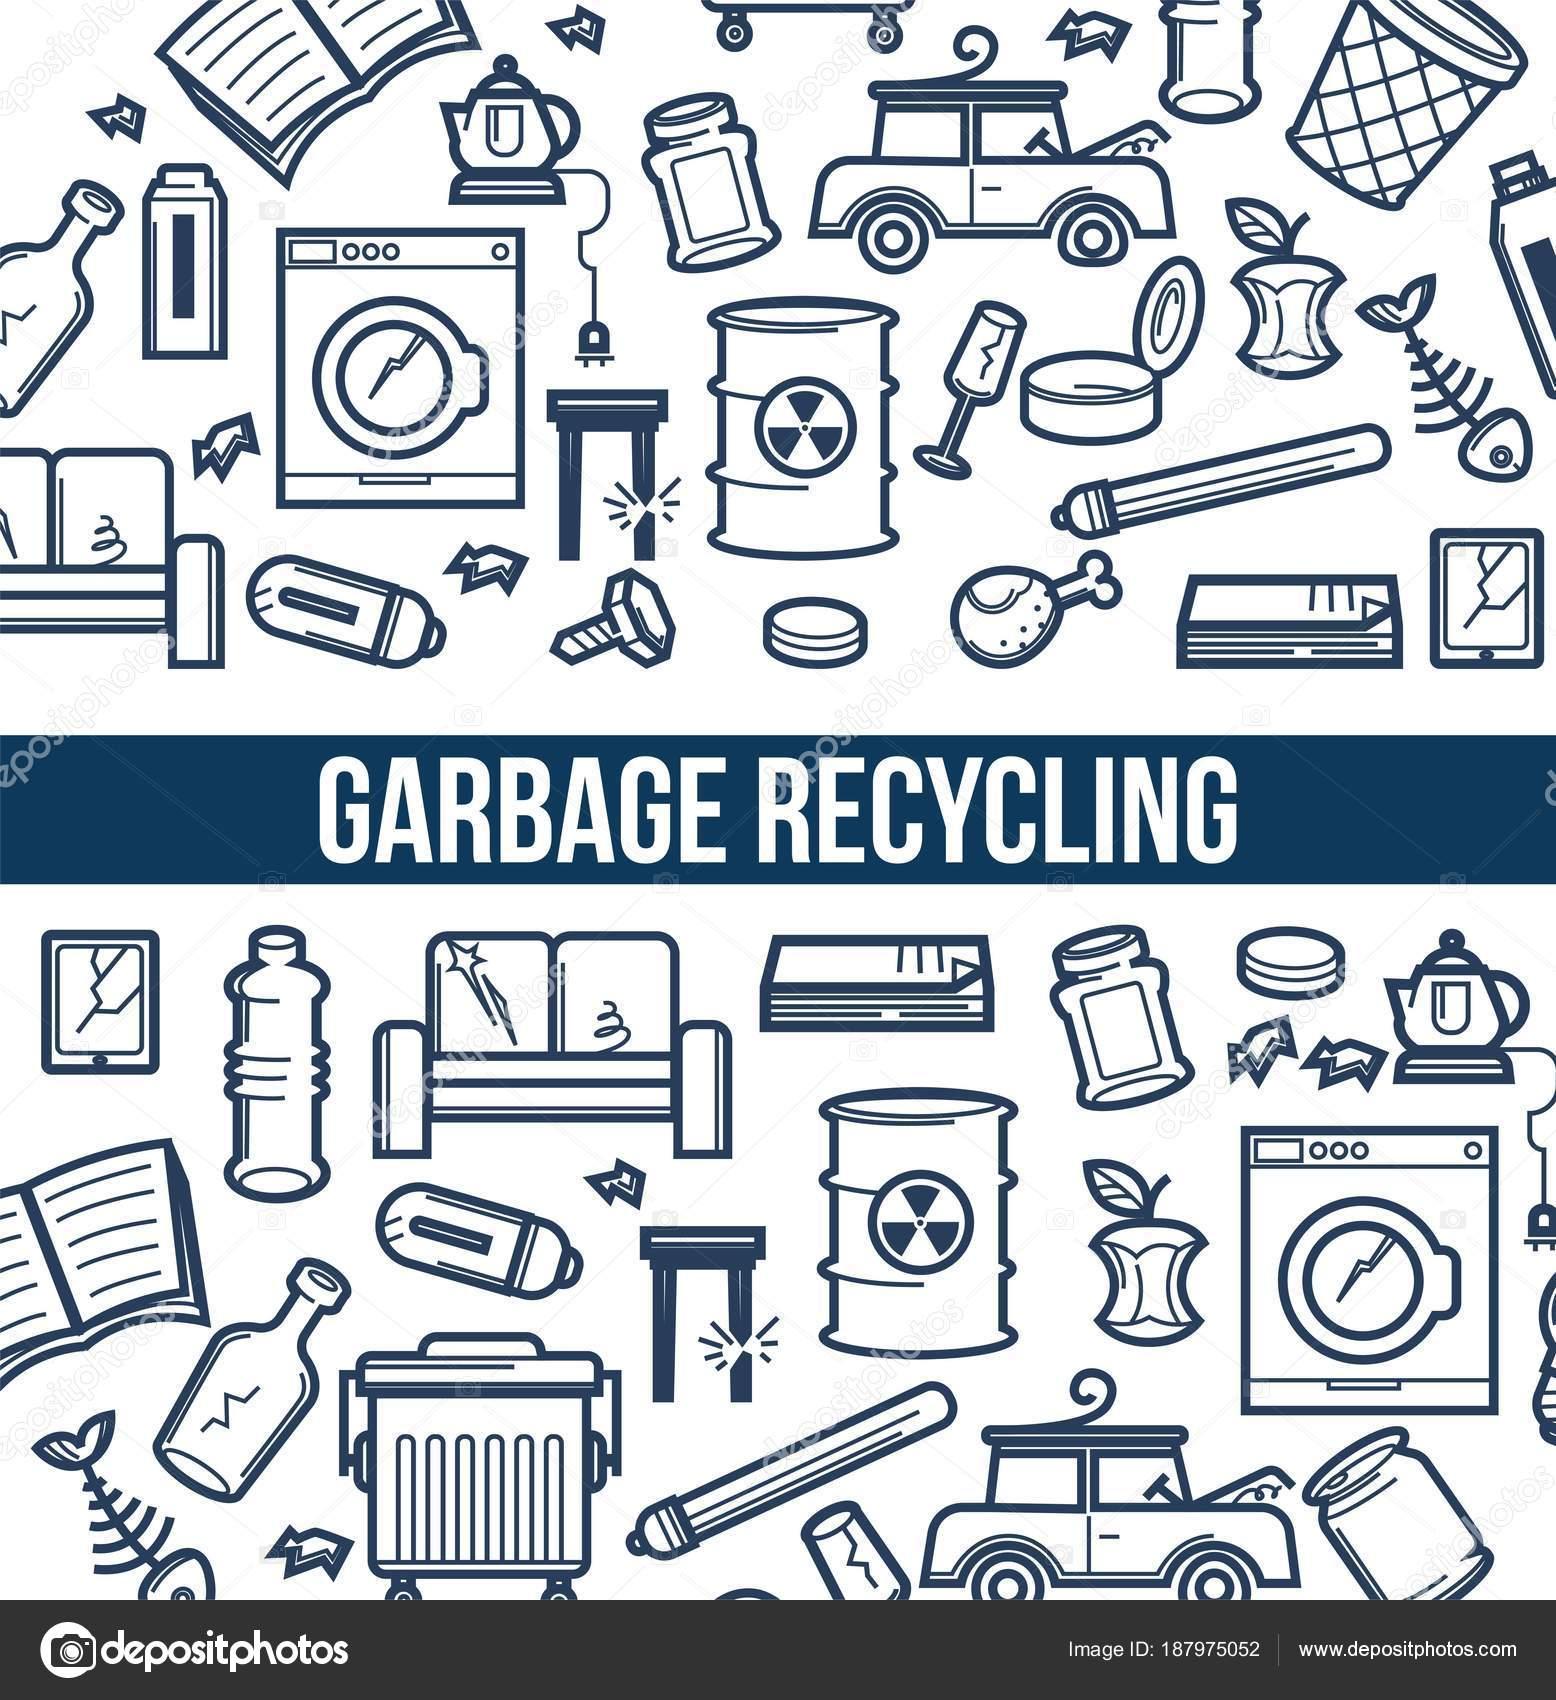 Müll Recycling Werbeplakat Mit Minimalistischen Skizzen Beschädigte